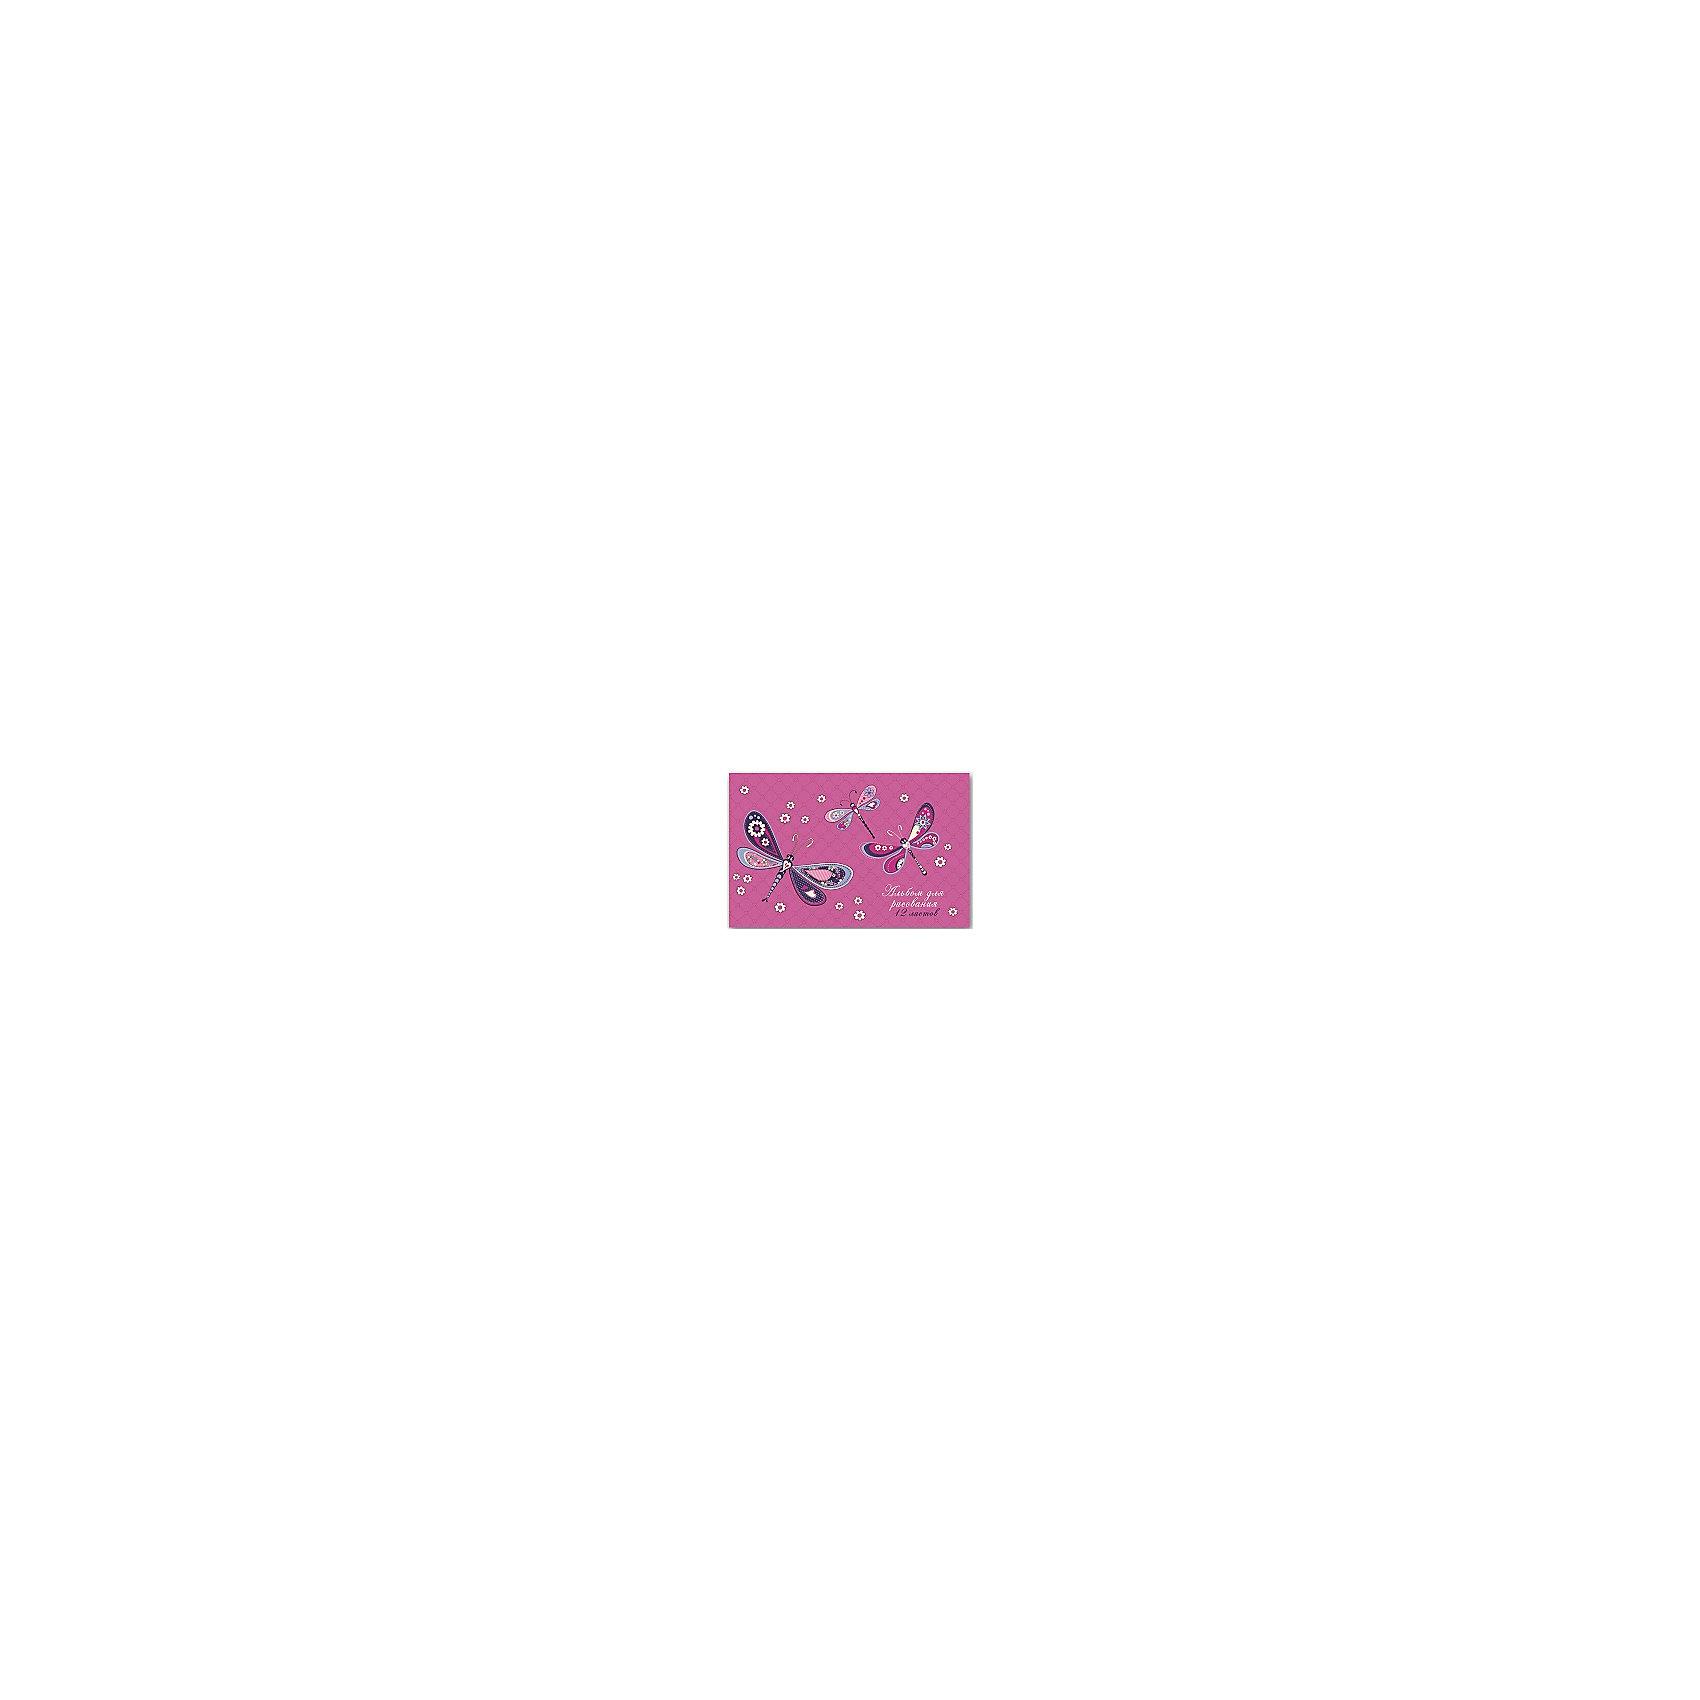 Альбом для рисования Яркие стрекозы, 12лКрасочный альбом для рисования непременно понравится Вашему ребенку!<br><br>Дополнительная информация:<br><br>- Возраст: от 3 лет.<br>- Формат: 29,6х20 см.<br>- 12 листов.<br>- Переплет: мягкий.<br>- Размер упаковки: 29х20х0,3 см.<br>- Вес в упаковке: 108 г. <br><br>Купить альбом для рисования Яркие стрекозы можно в нашем магазине.<br><br>Ширина мм: 290<br>Глубина мм: 200<br>Высота мм: 3<br>Вес г: 108<br>Возраст от месяцев: 36<br>Возраст до месяцев: 2147483647<br>Пол: Унисекс<br>Возраст: Детский<br>SKU: 4943421